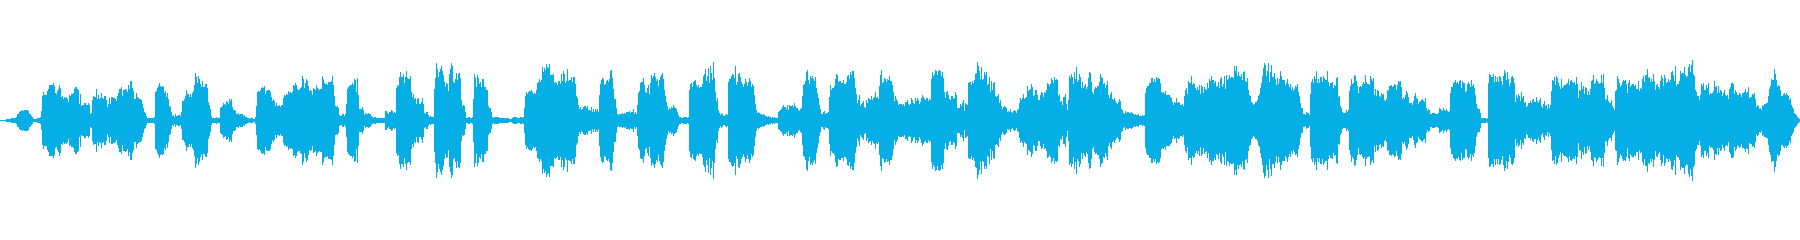 通信スクランブルバースト、SCI ...の再生済みの波形